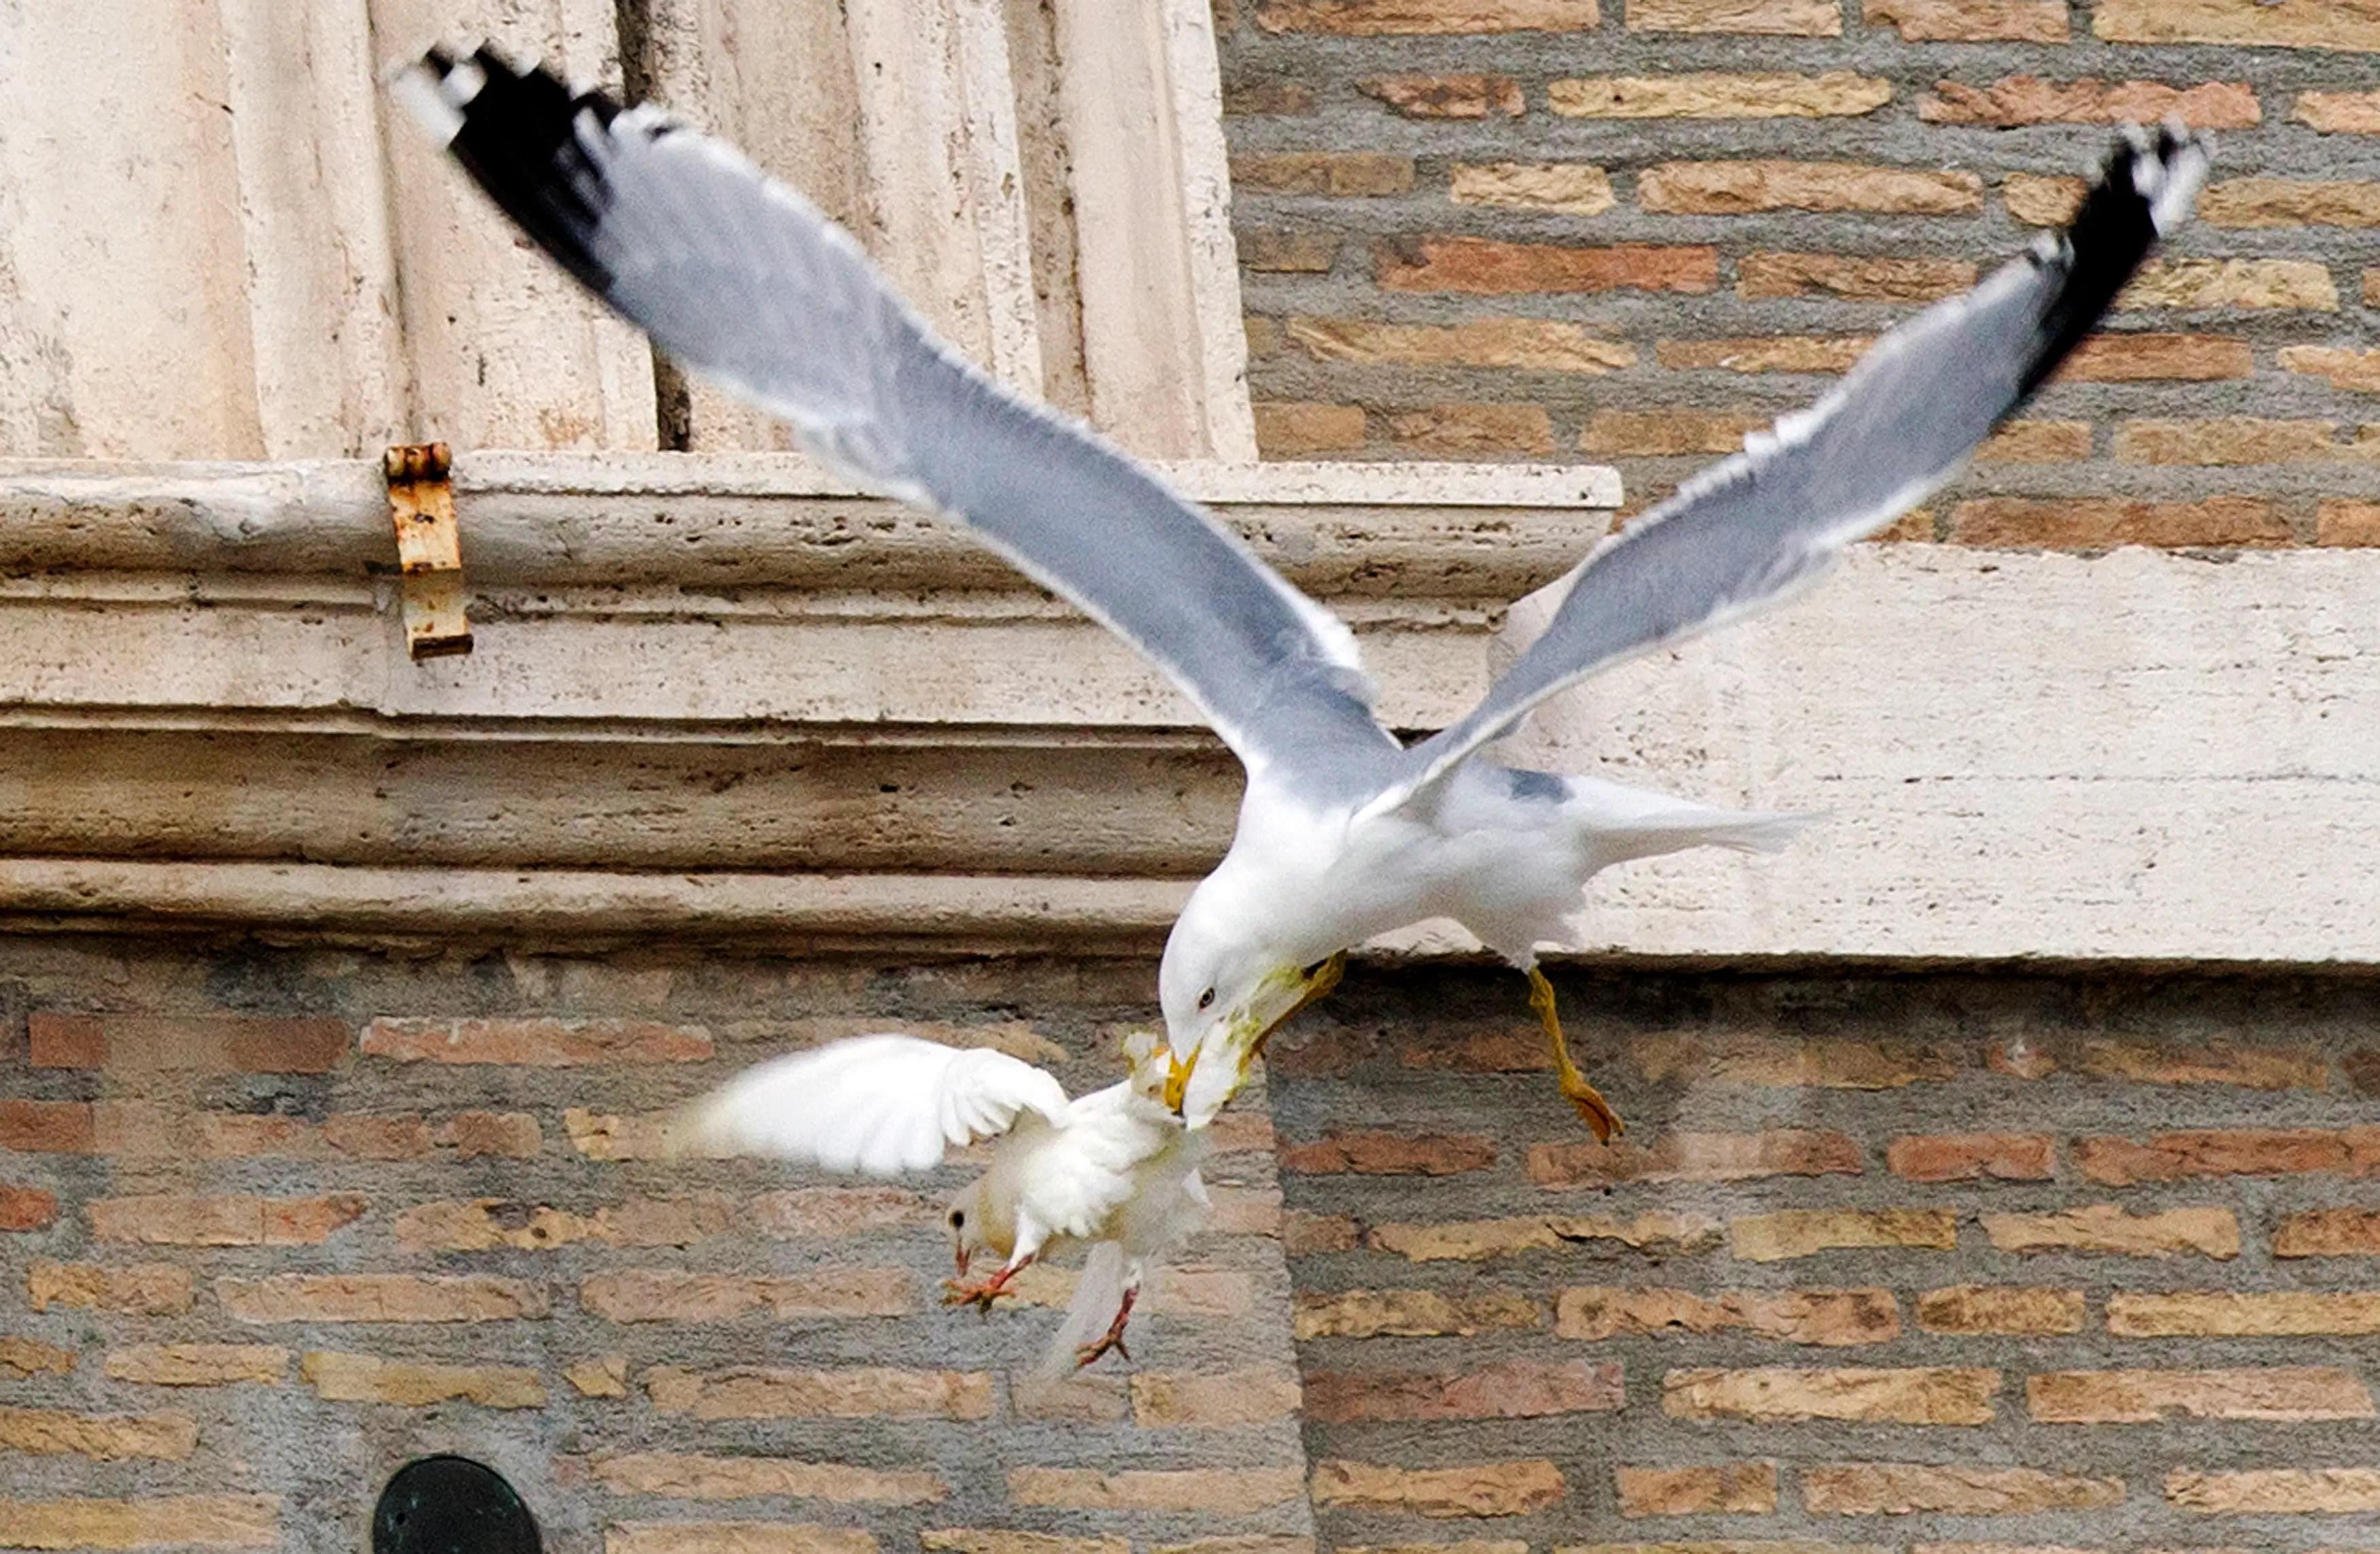 seagull attacks dove